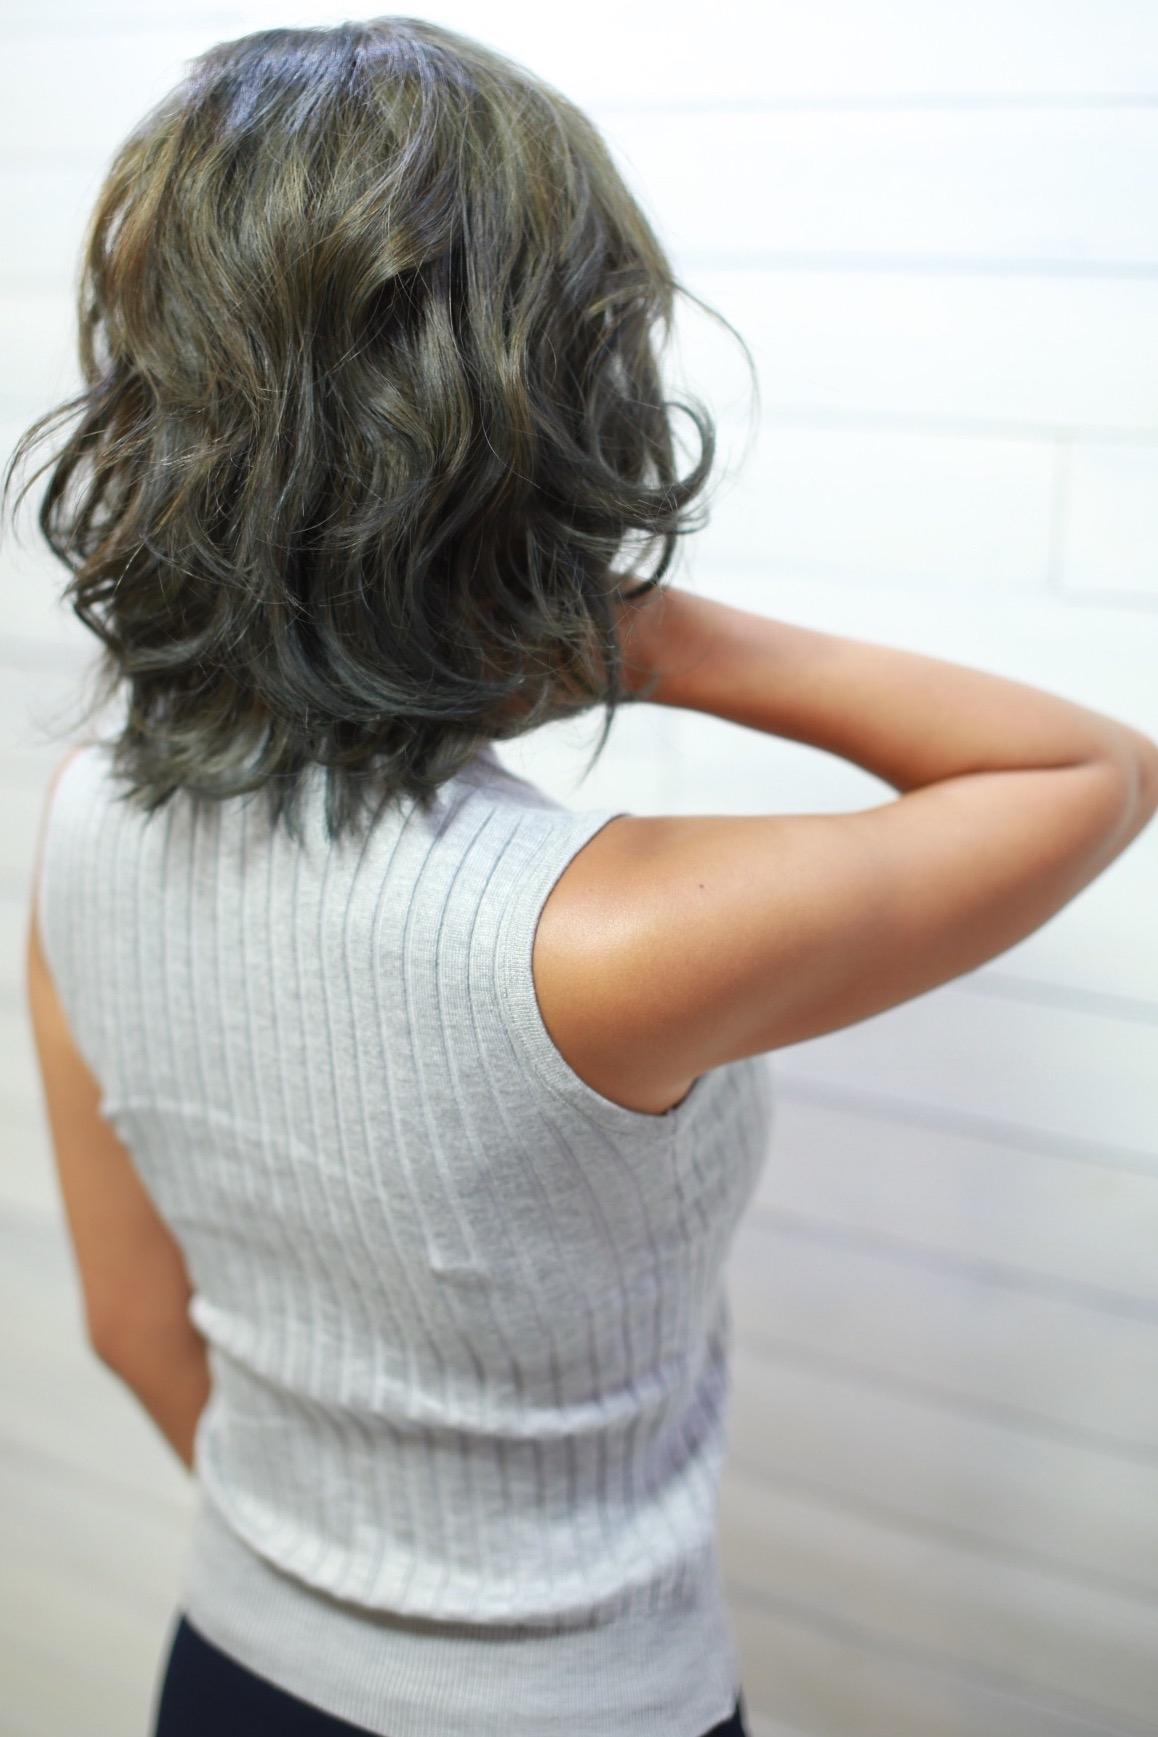 新宿ボブがかわいい美容室ヘアケアとヘッドスパ